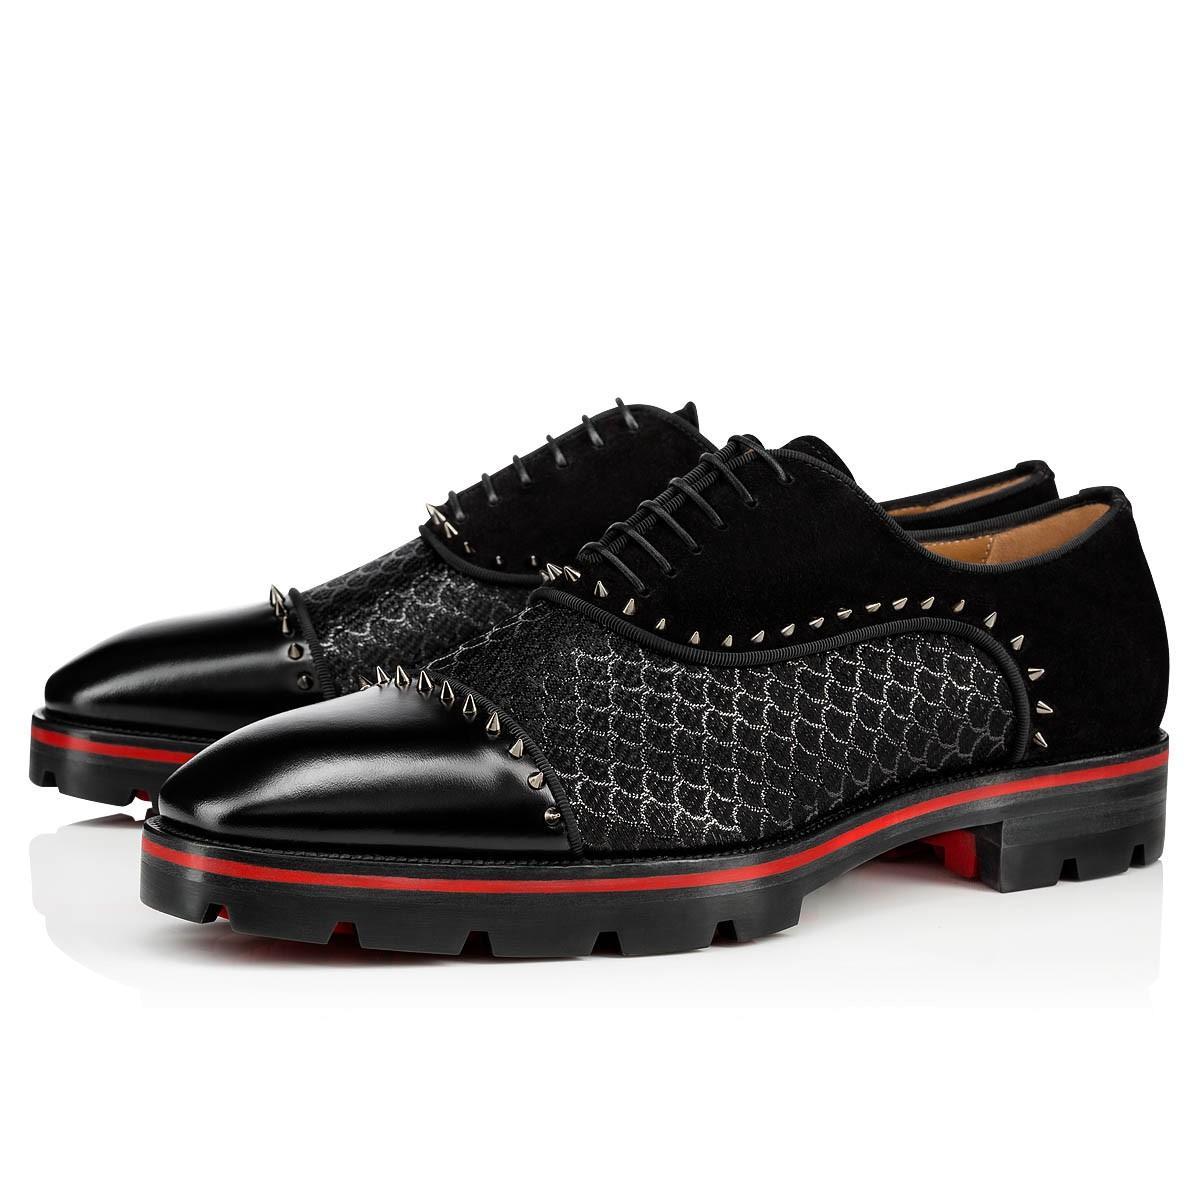 Loisirs Gentleman Flats Chaussures en cuir rouge Bas Oxfords Mocassins luxe Moccasin des pneus en caoutchouc des semelles en cuir avec boucle super chaussures